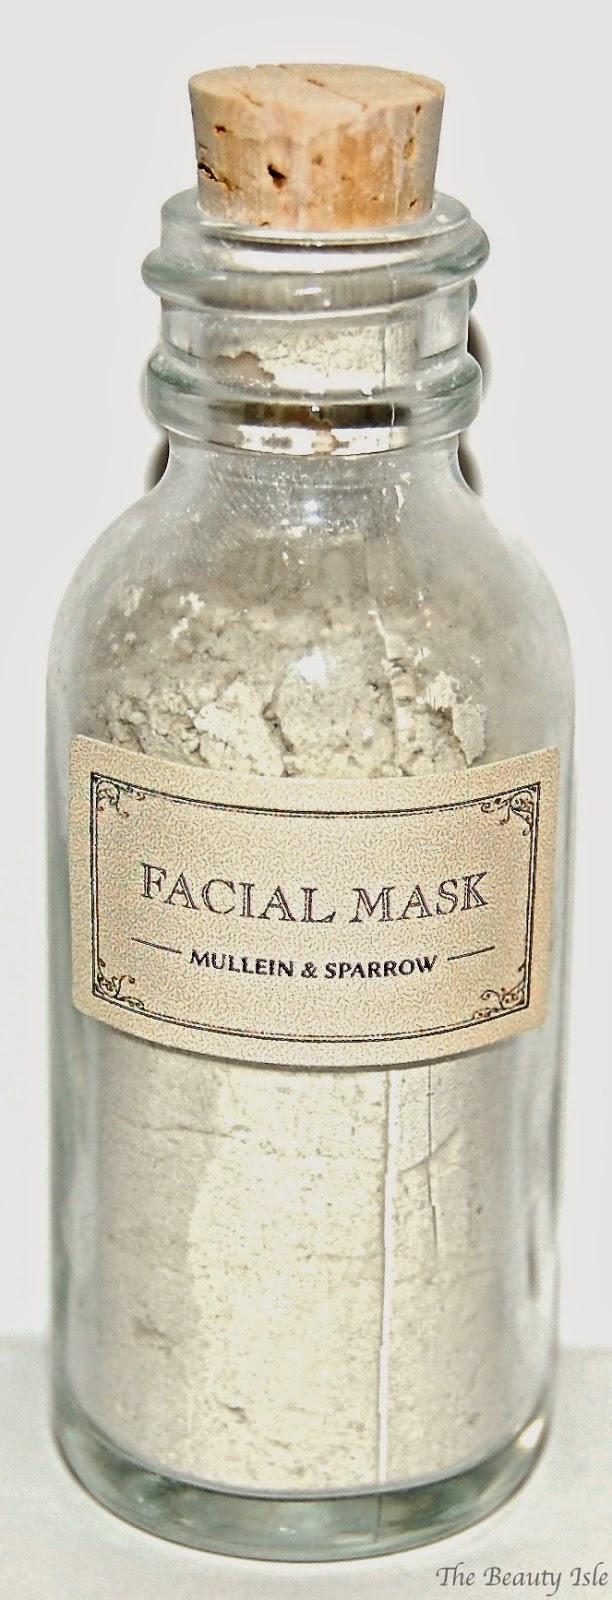 Mullein & Sparrow Mini Facial Mask